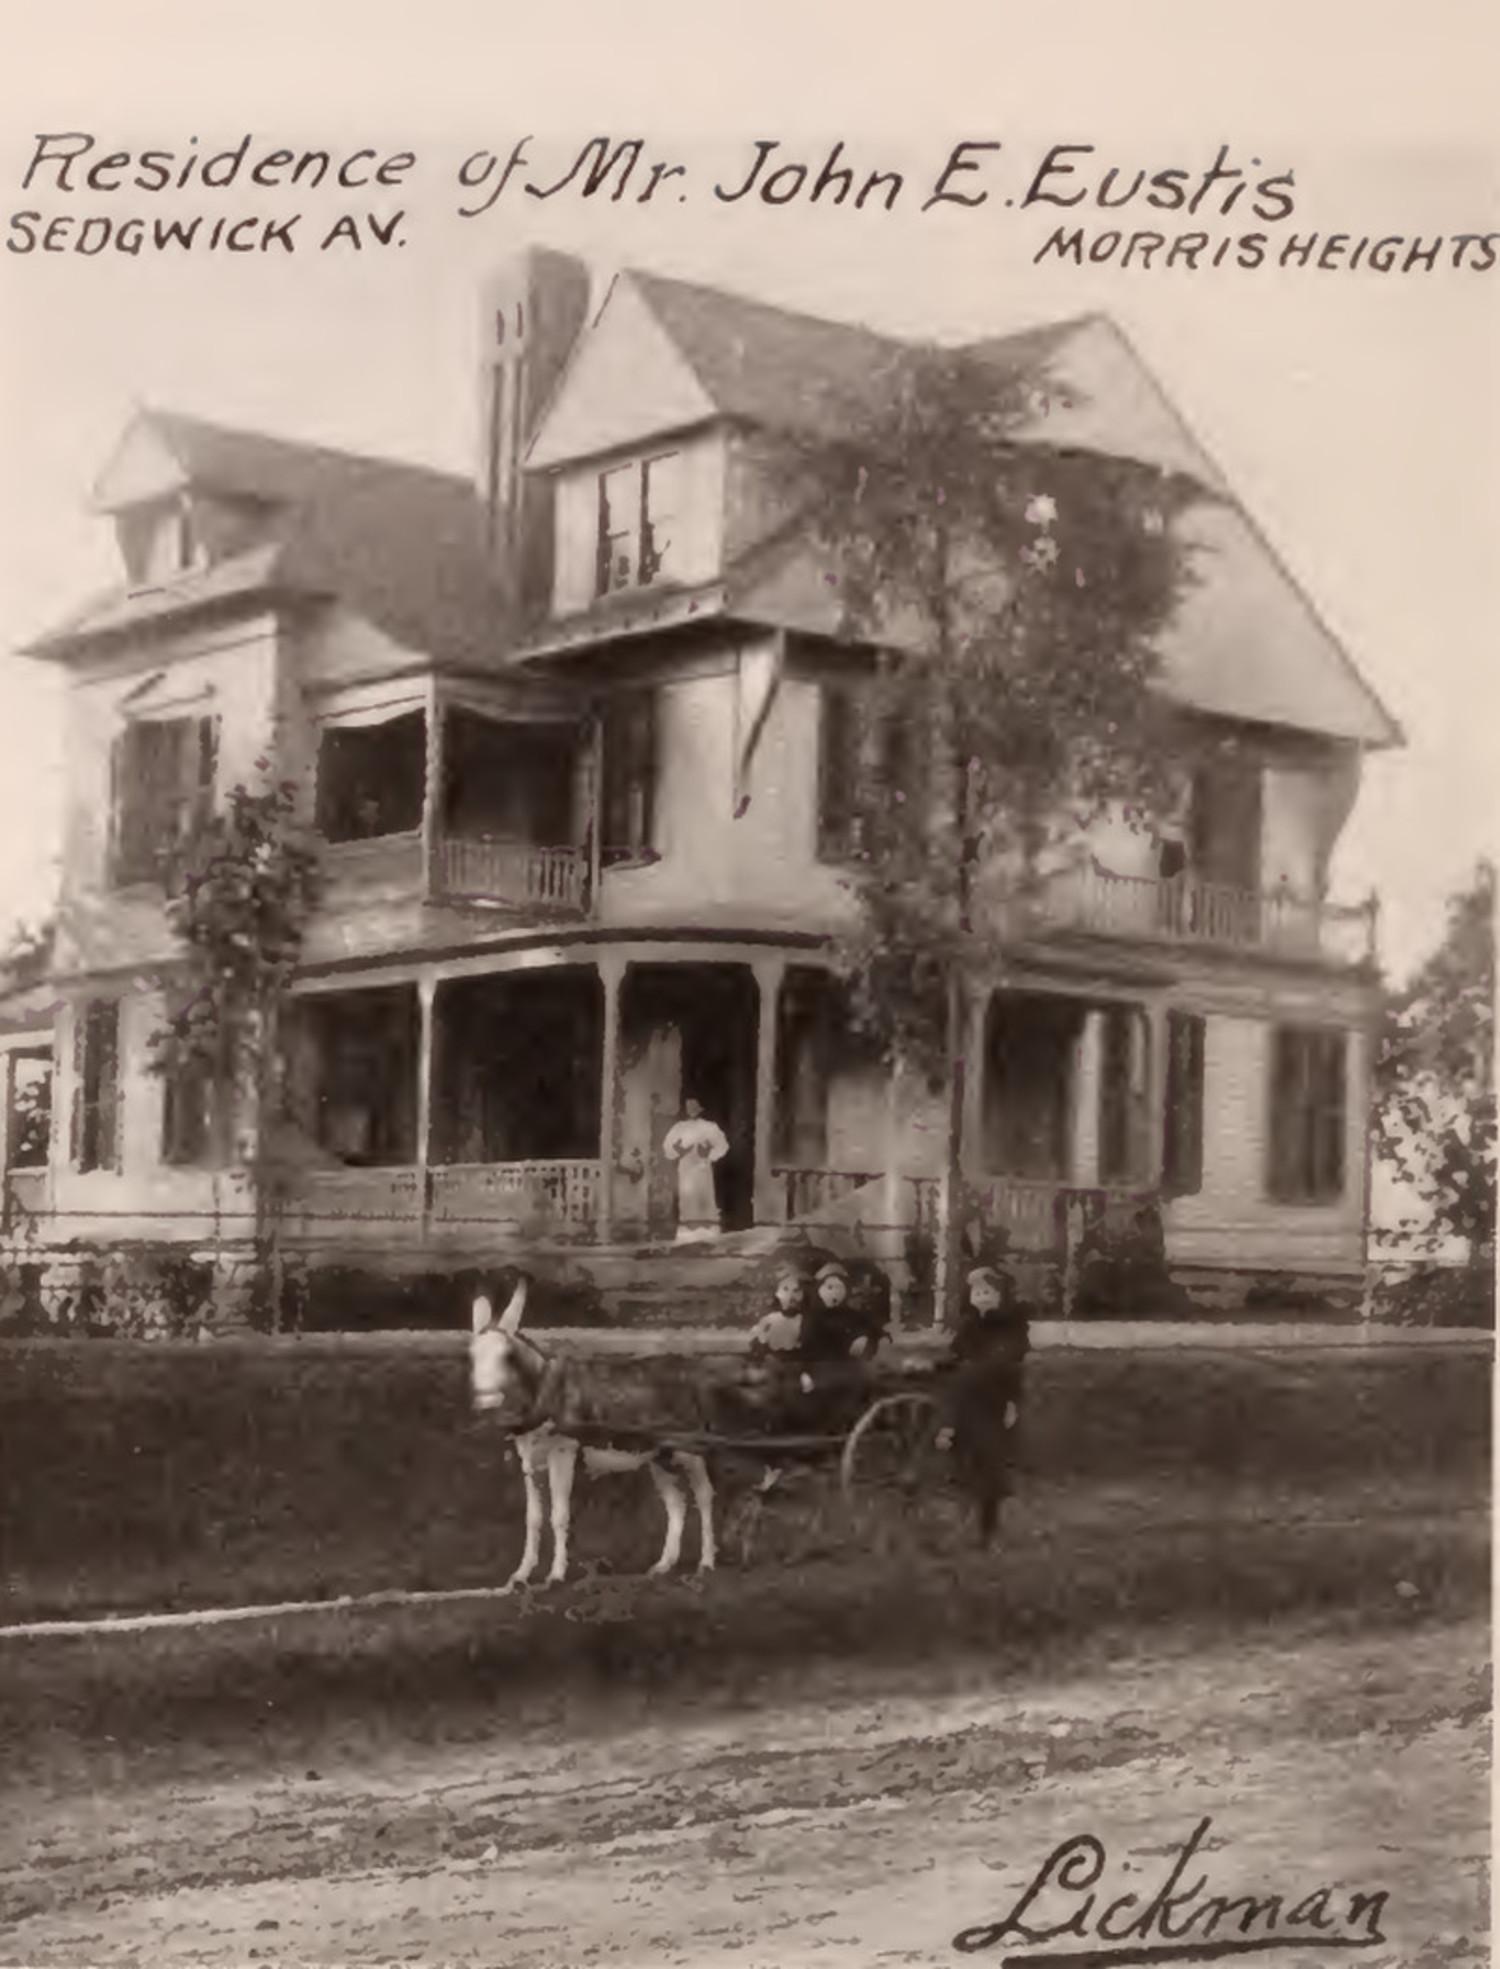 John Eustis residence Sedgwick Avenue Morris Heights Bronx 1897